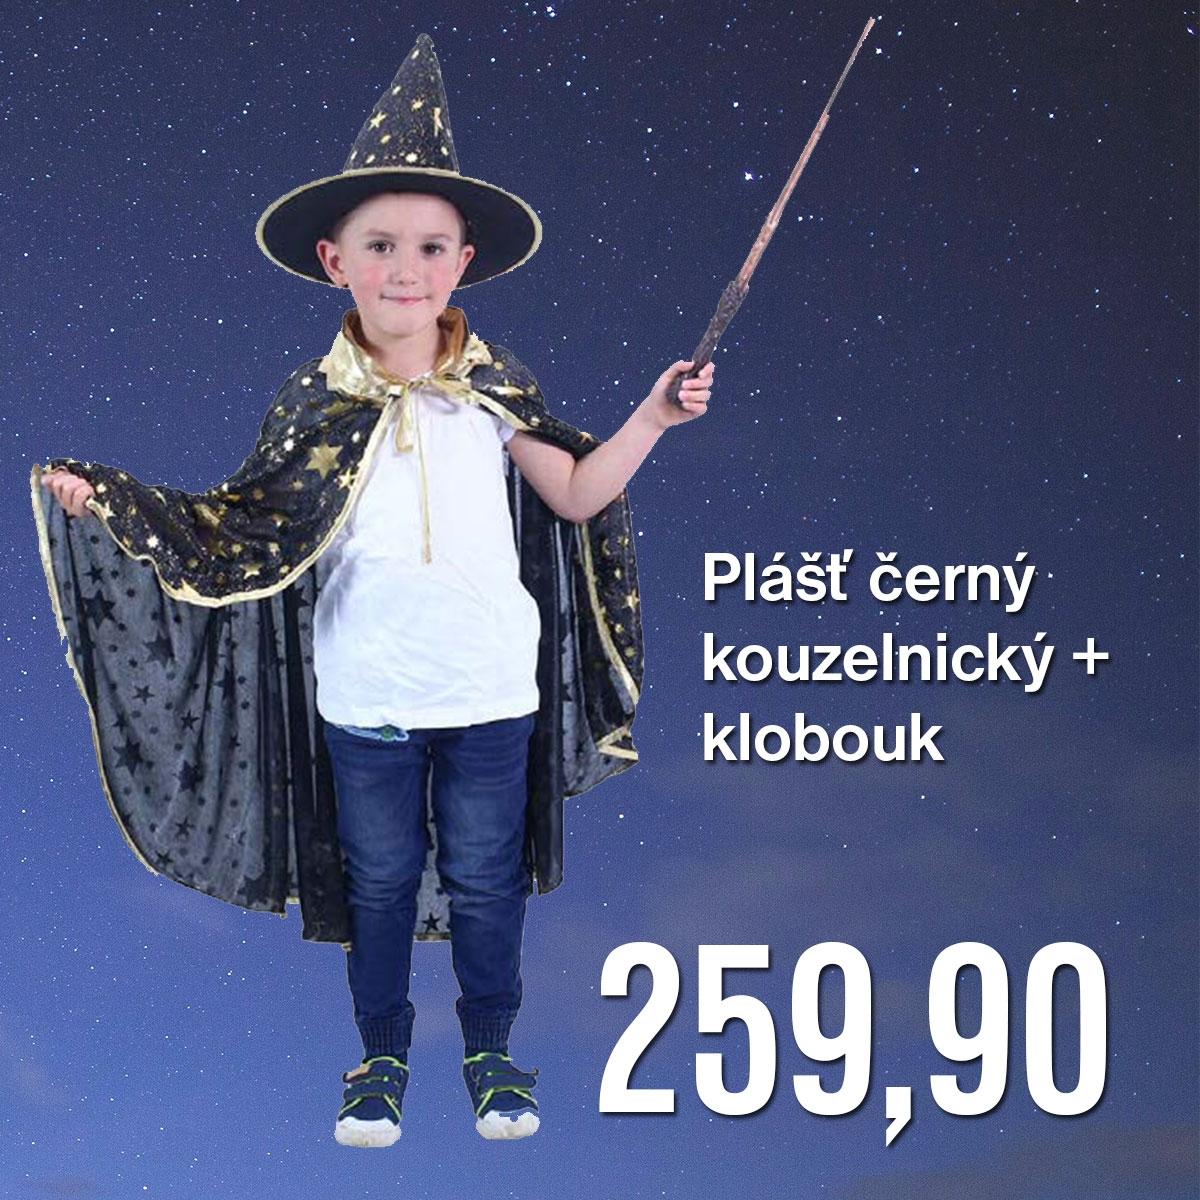 Plášť černý  kouzelnický +  klobouk